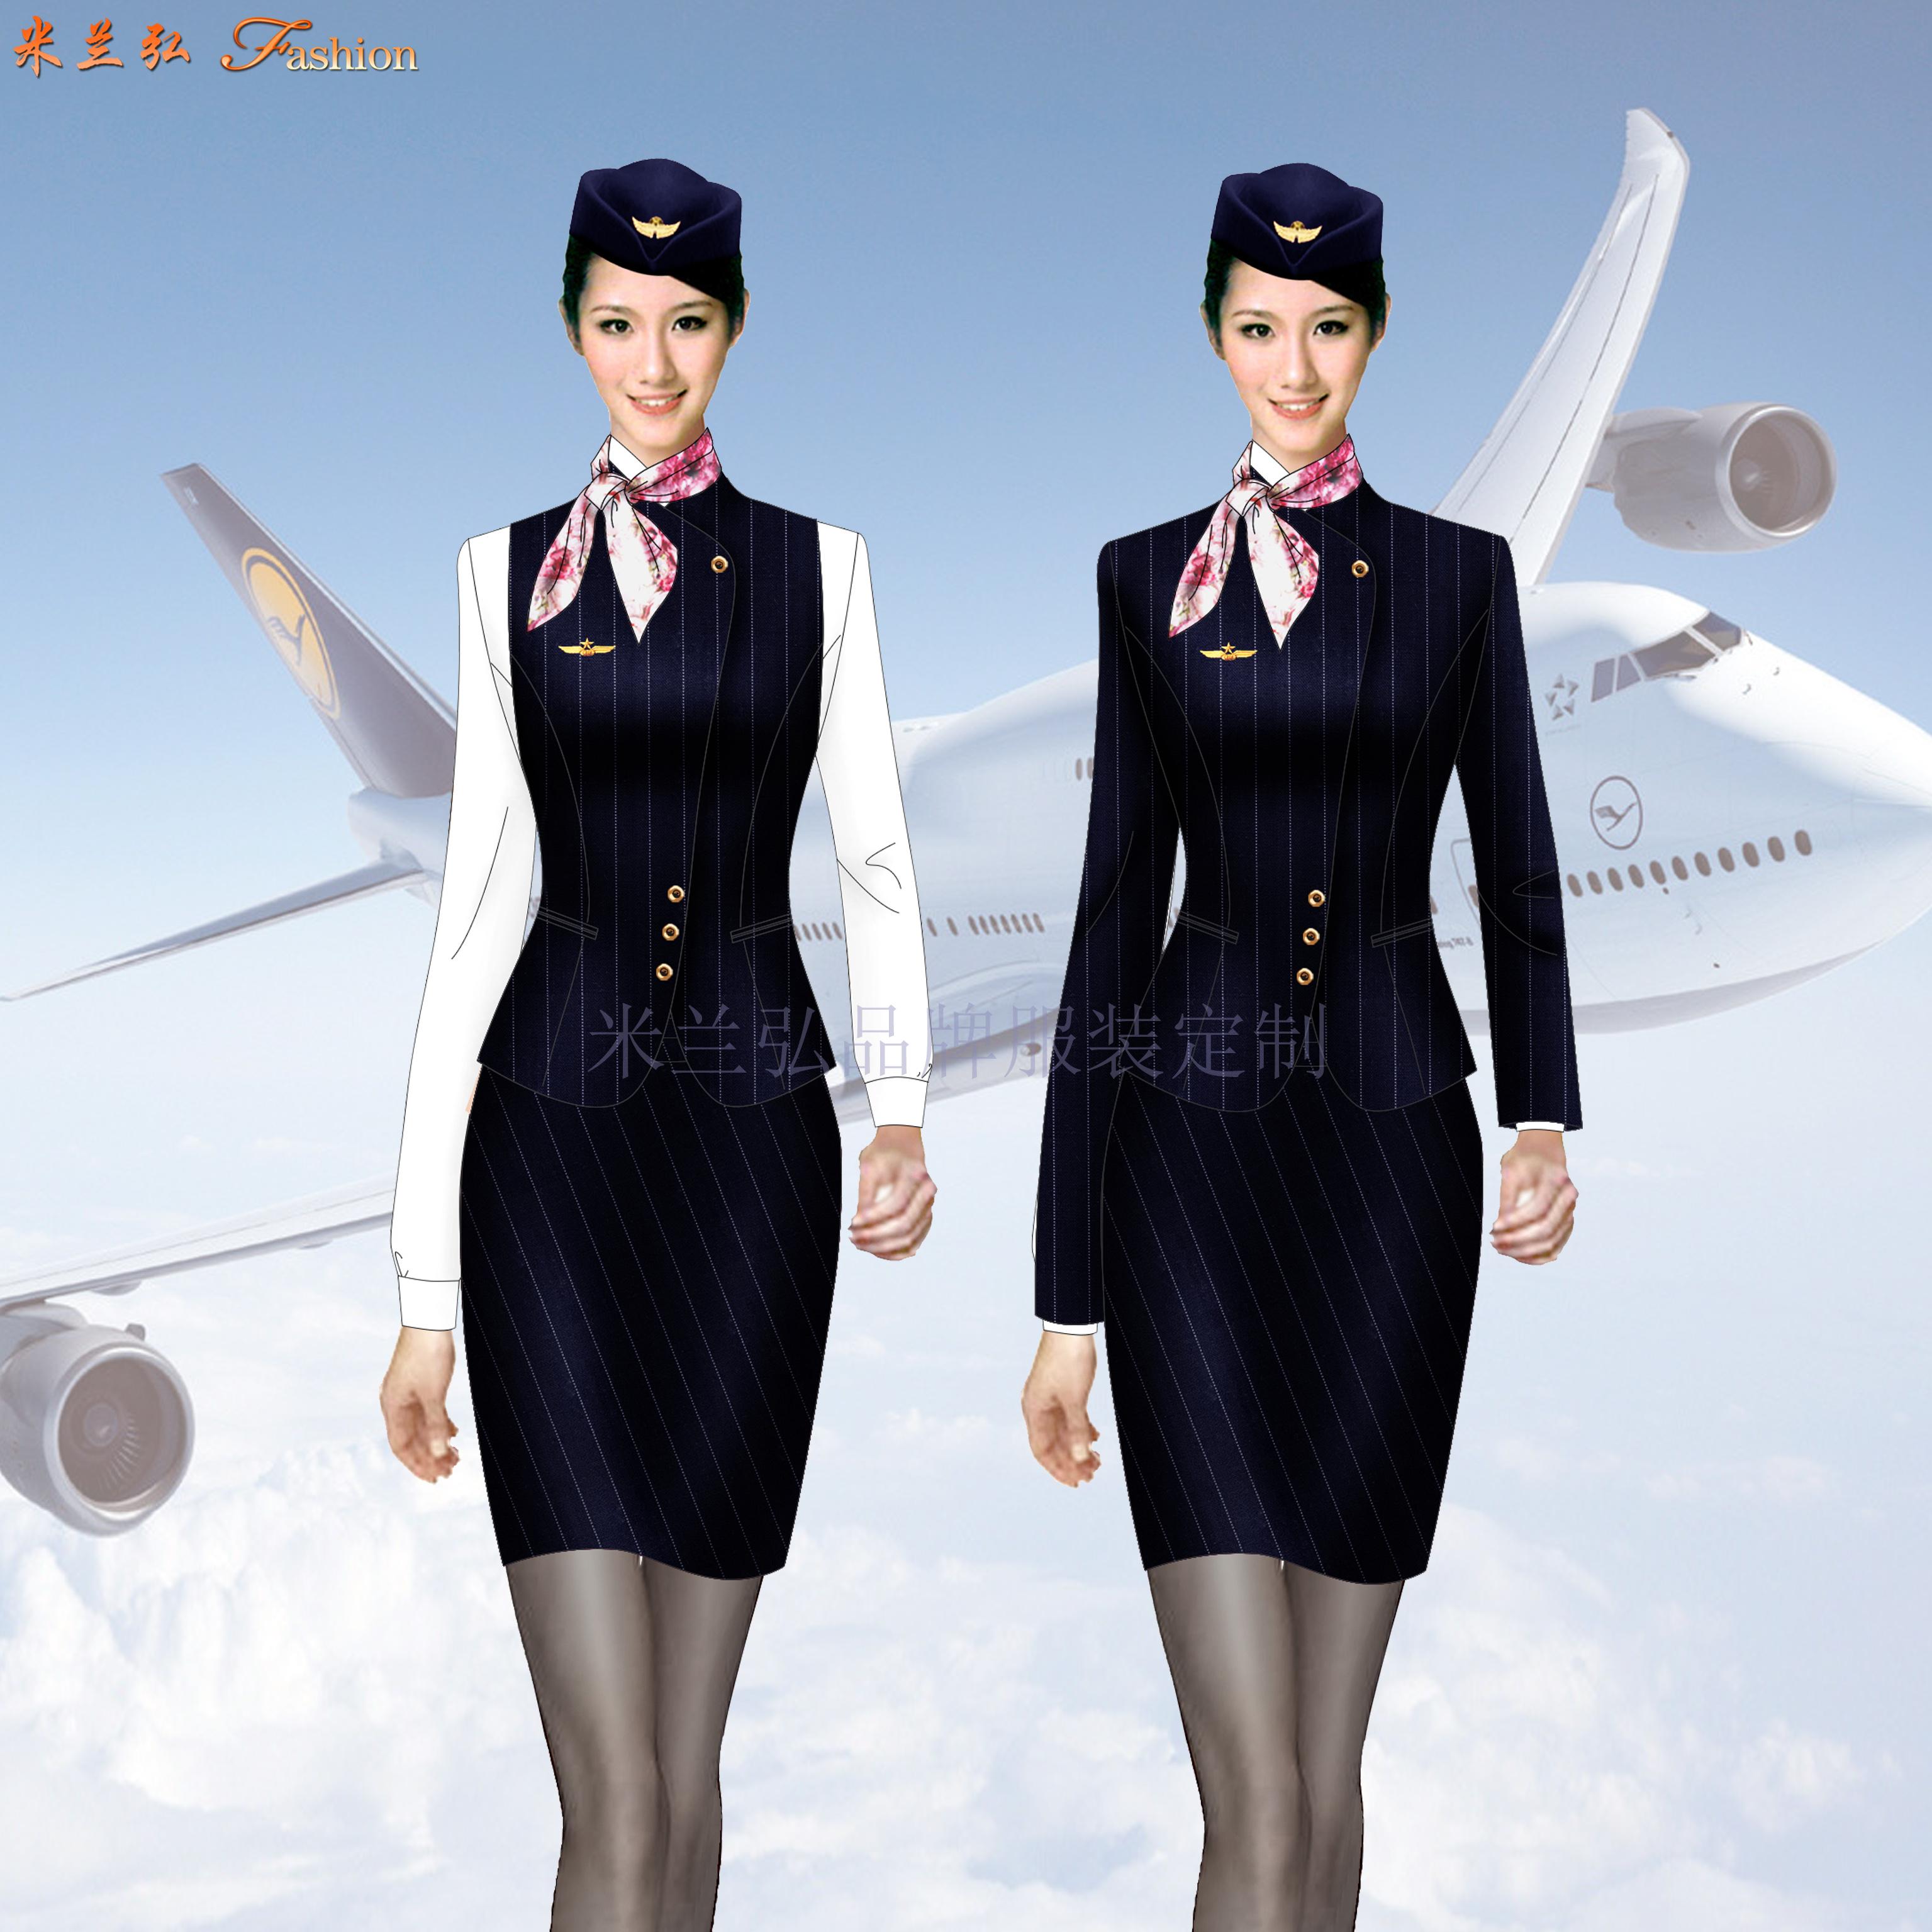 江西空姐服定制-空乘人员服装图片-米兰弘服装-2